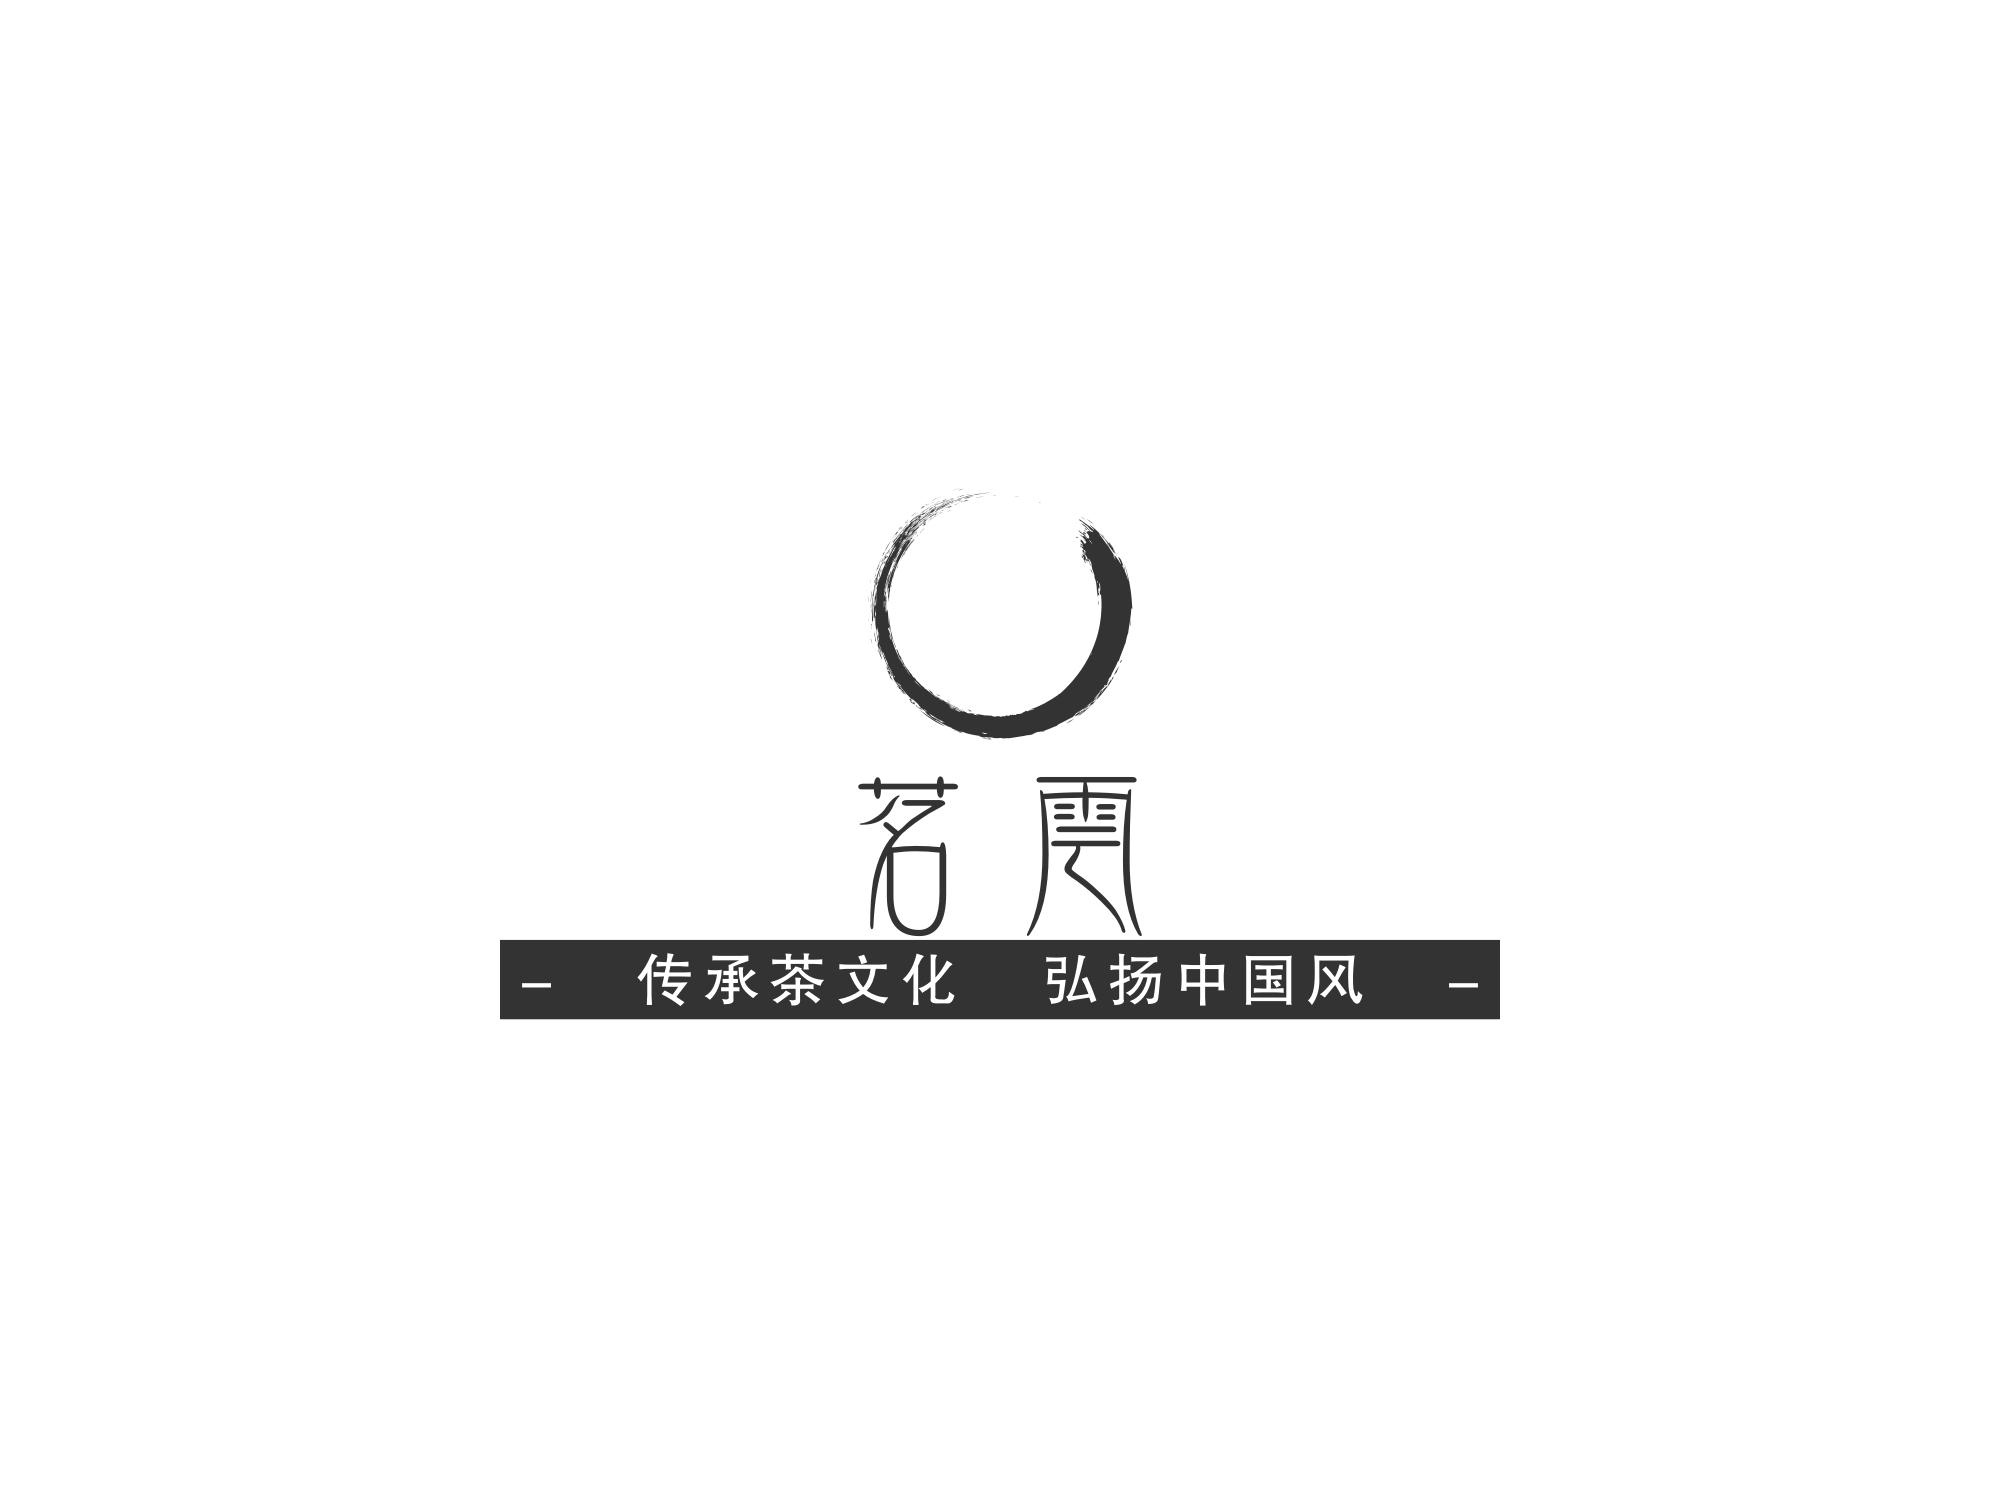 Logosc_698621524712384